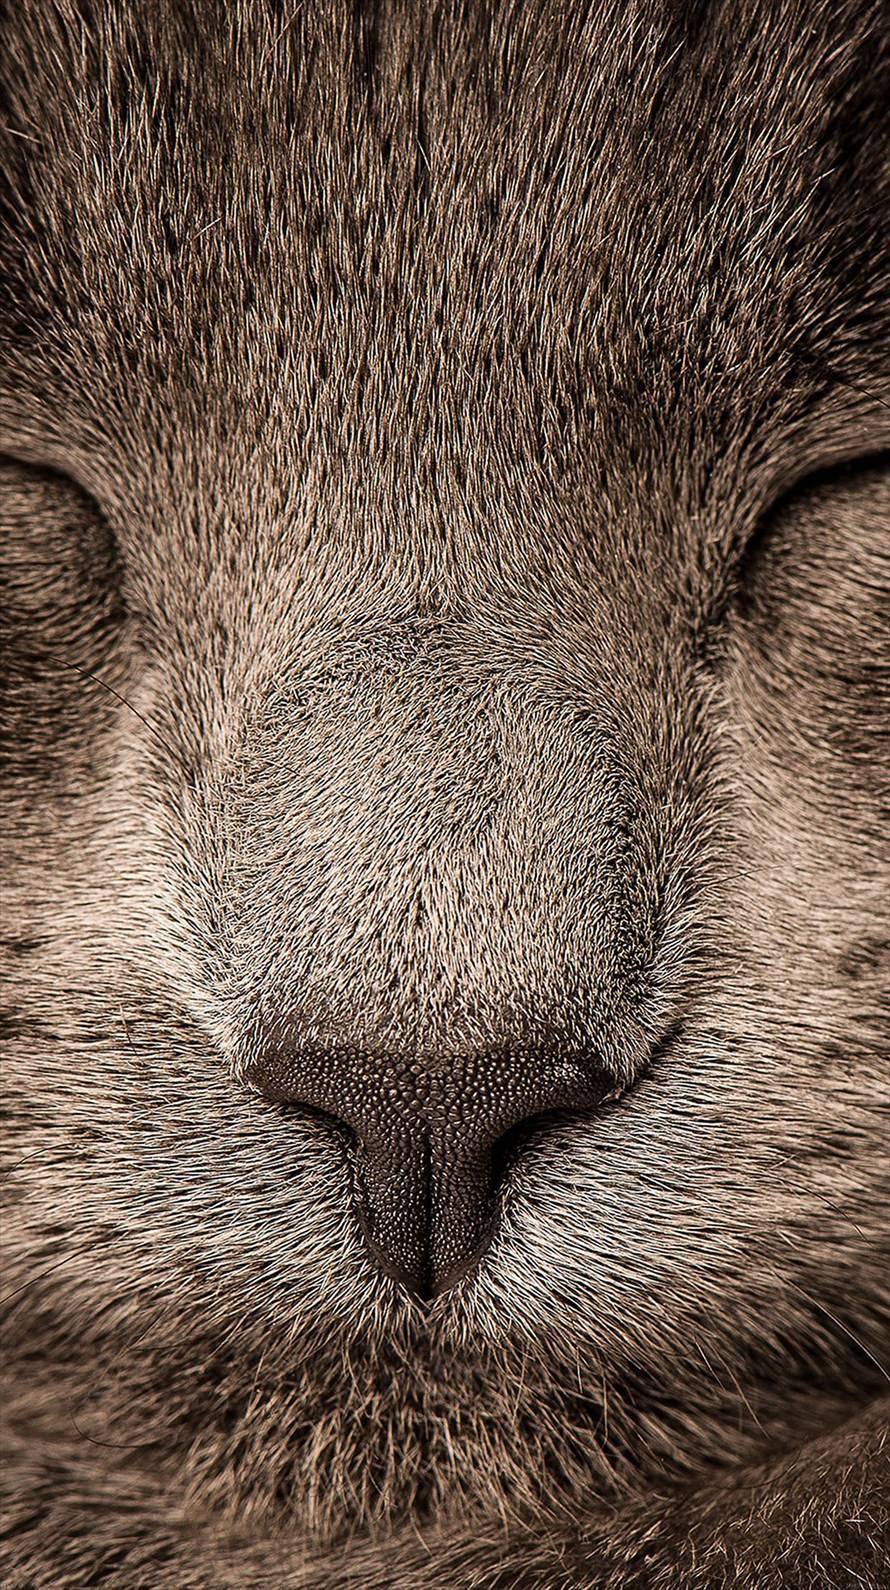 目をつぶった猫の顔 iPhone6壁紙